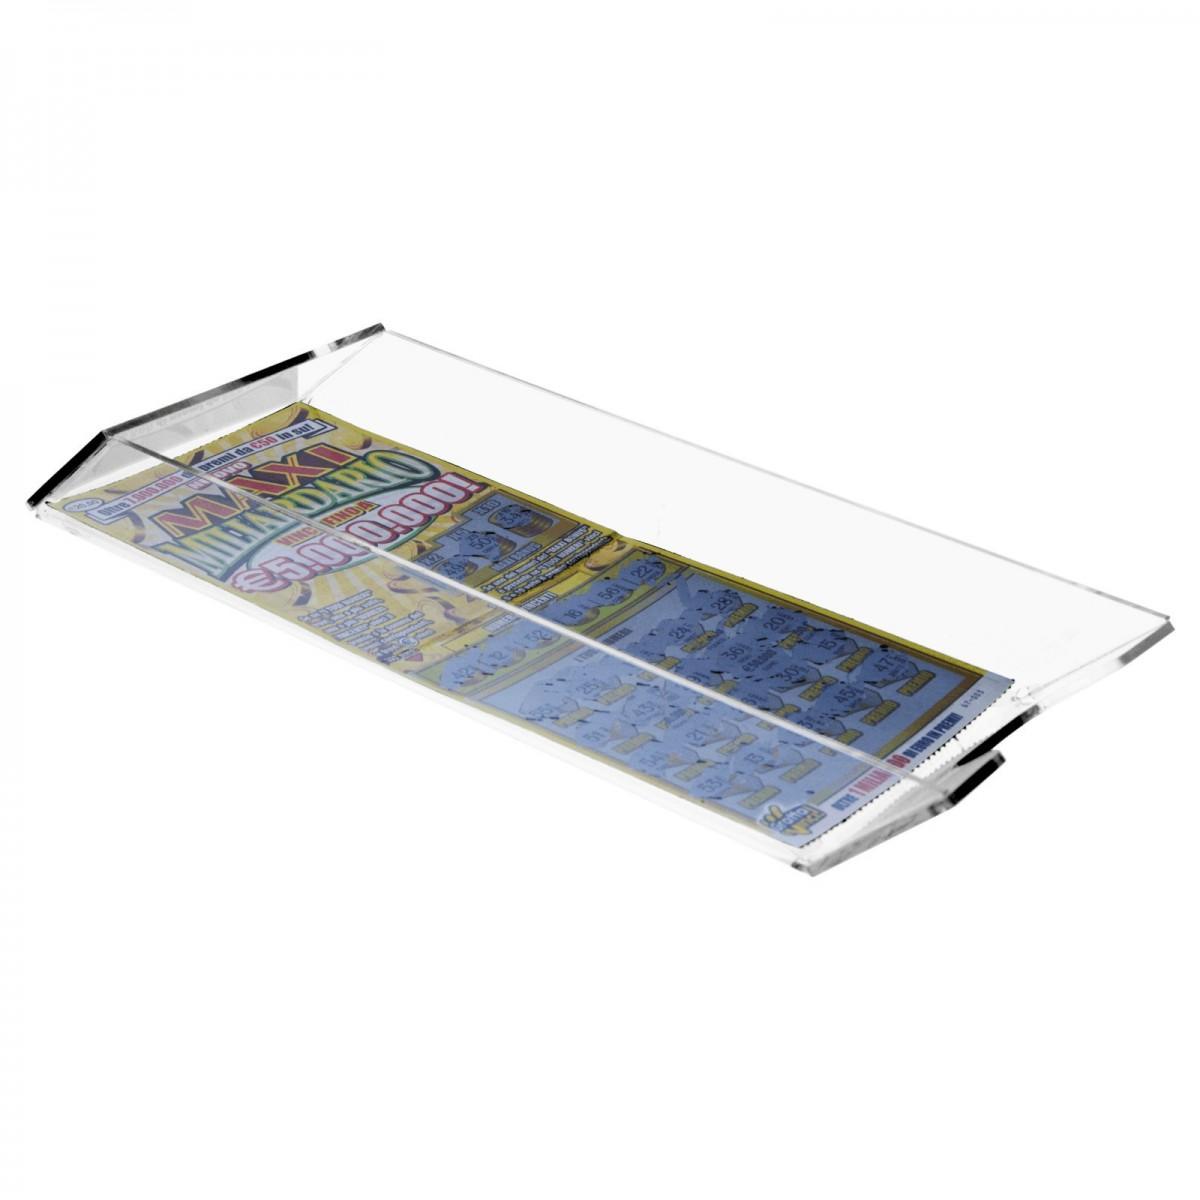 E-287 EGV-D - Espositore schedine e gratta e vinci da cassetto per raccolta schedine vinte - Misure: 12 x 25x H4 cm